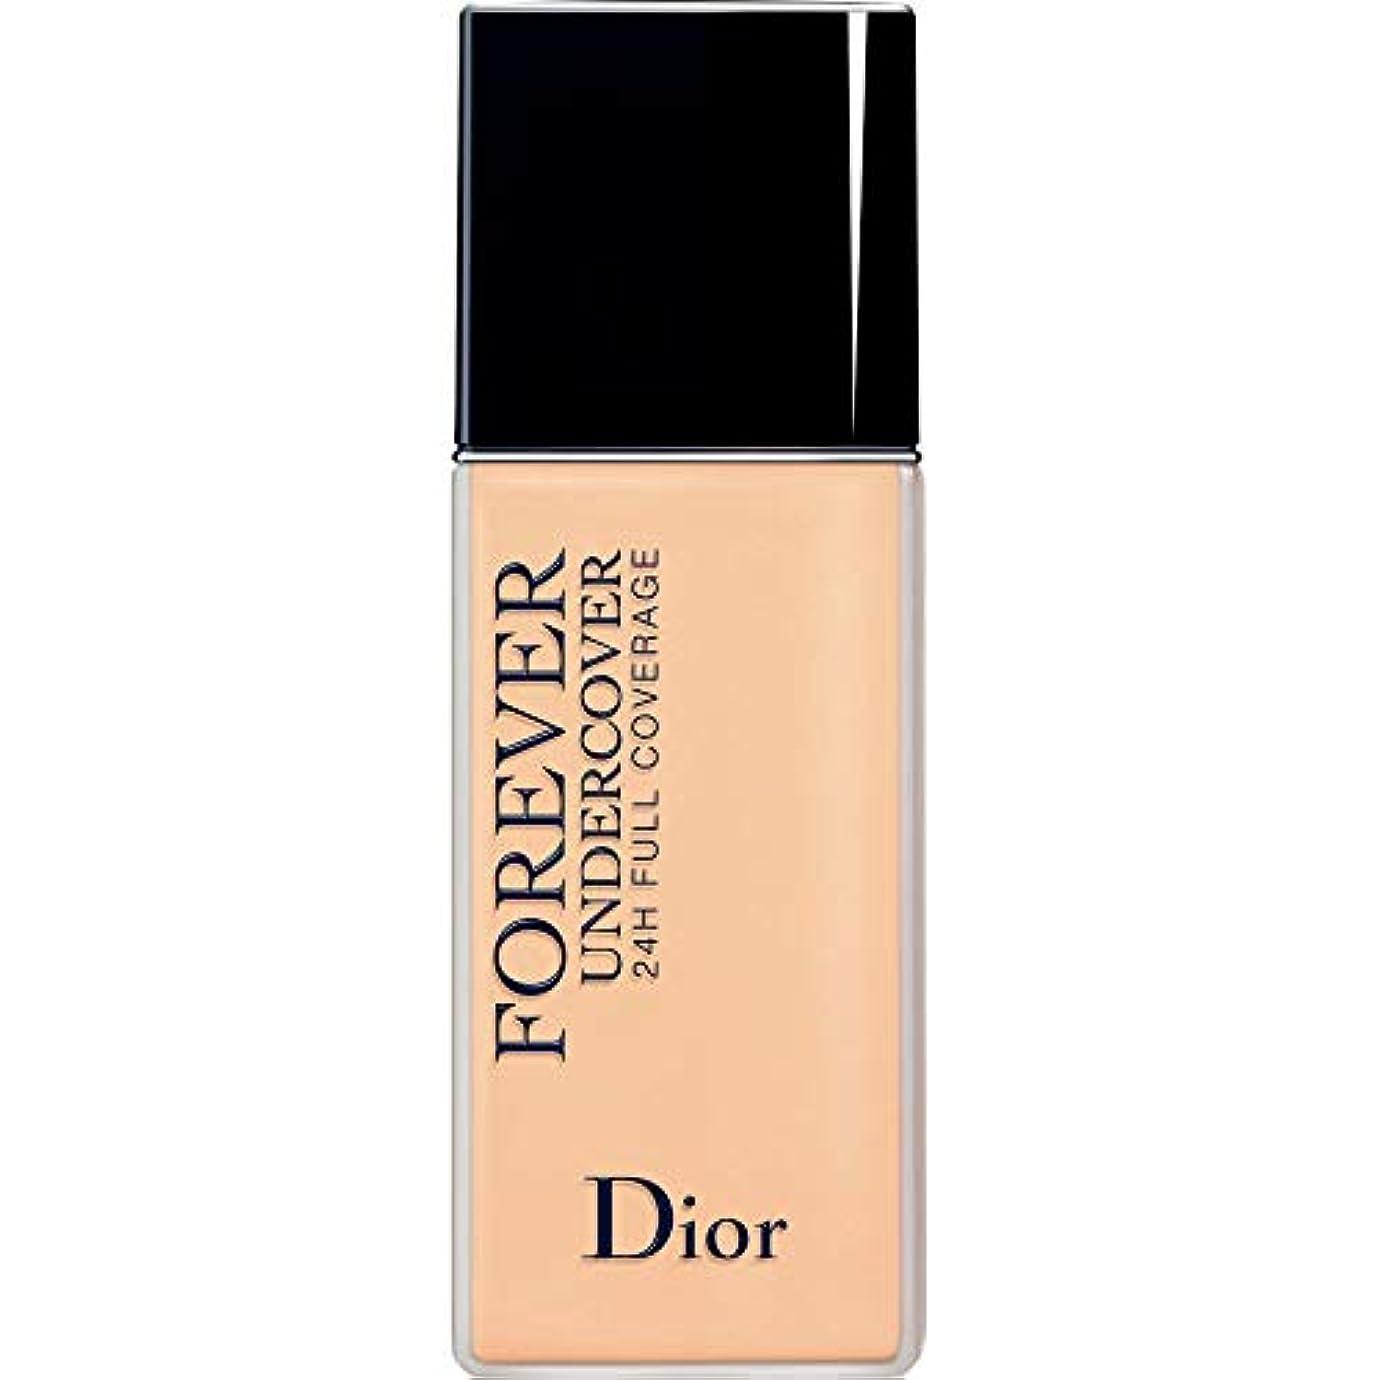 肉のエレベーター引き潮[Dior ] ディオールディオールスキン永遠アンダーカバーフルカバーの基礎40ミリリットル021 - リネン - DIOR Diorskin Forever Undercover Full Coverage Foundation...